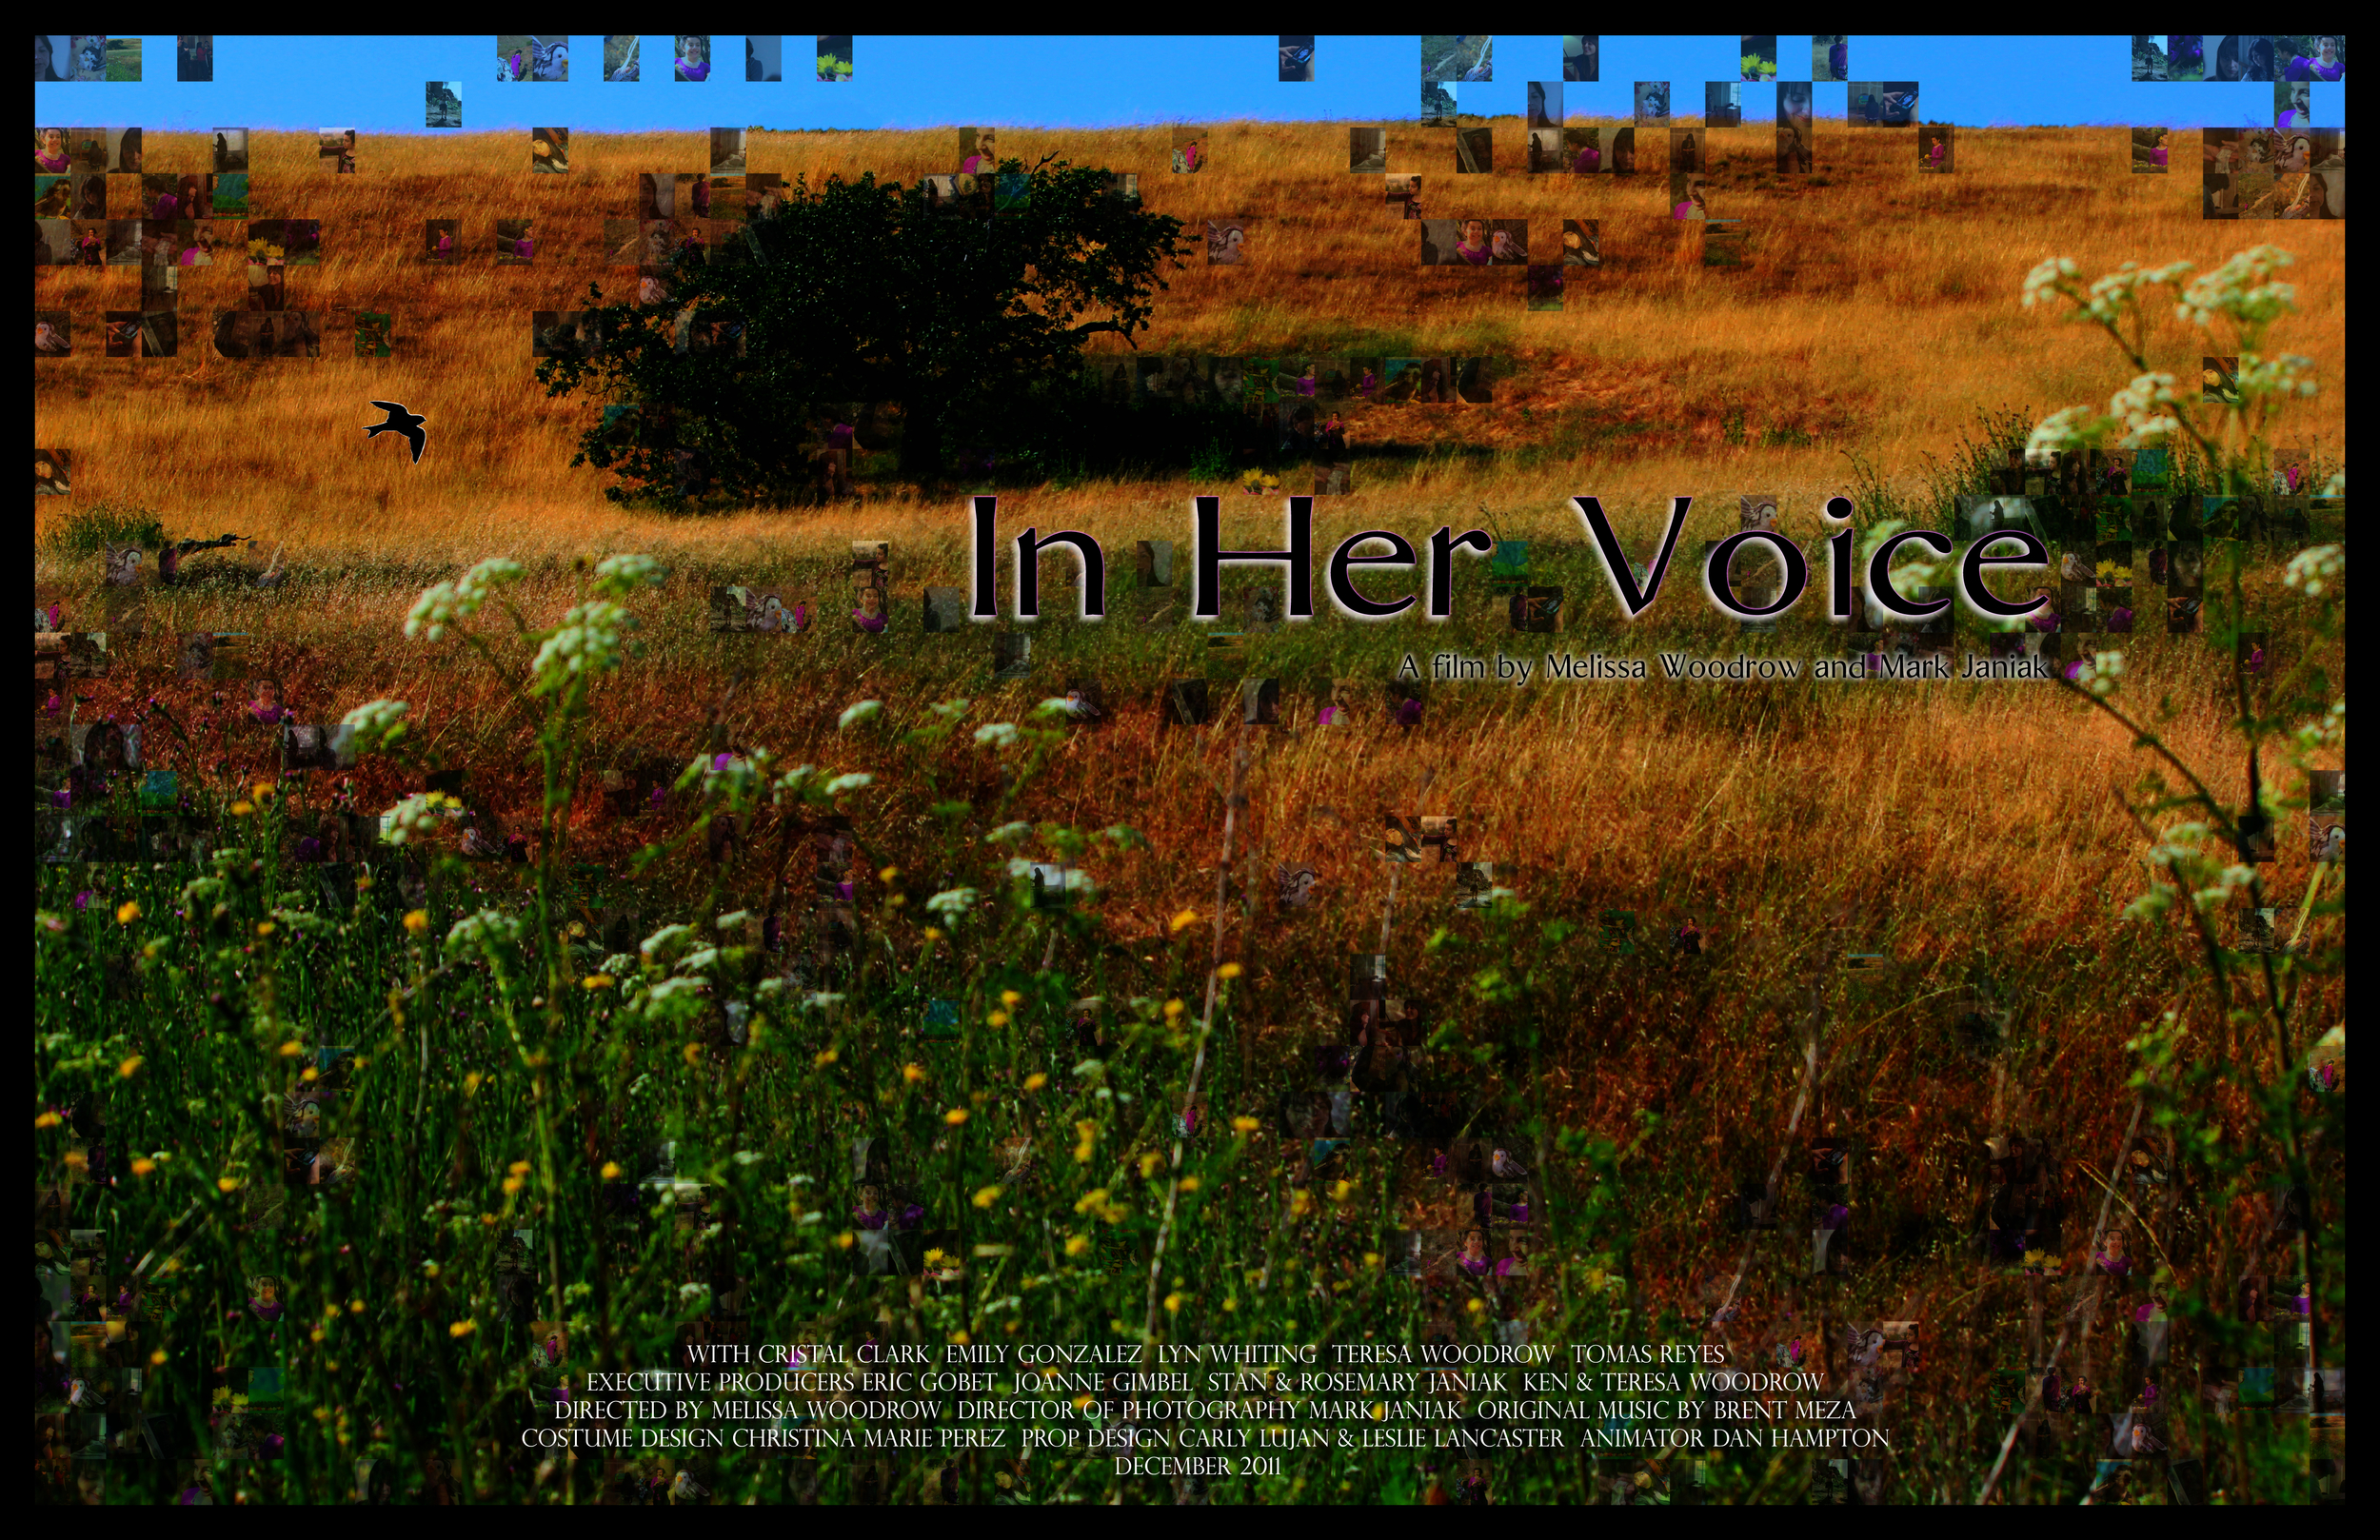 InHerVoice_movieposter.jpg